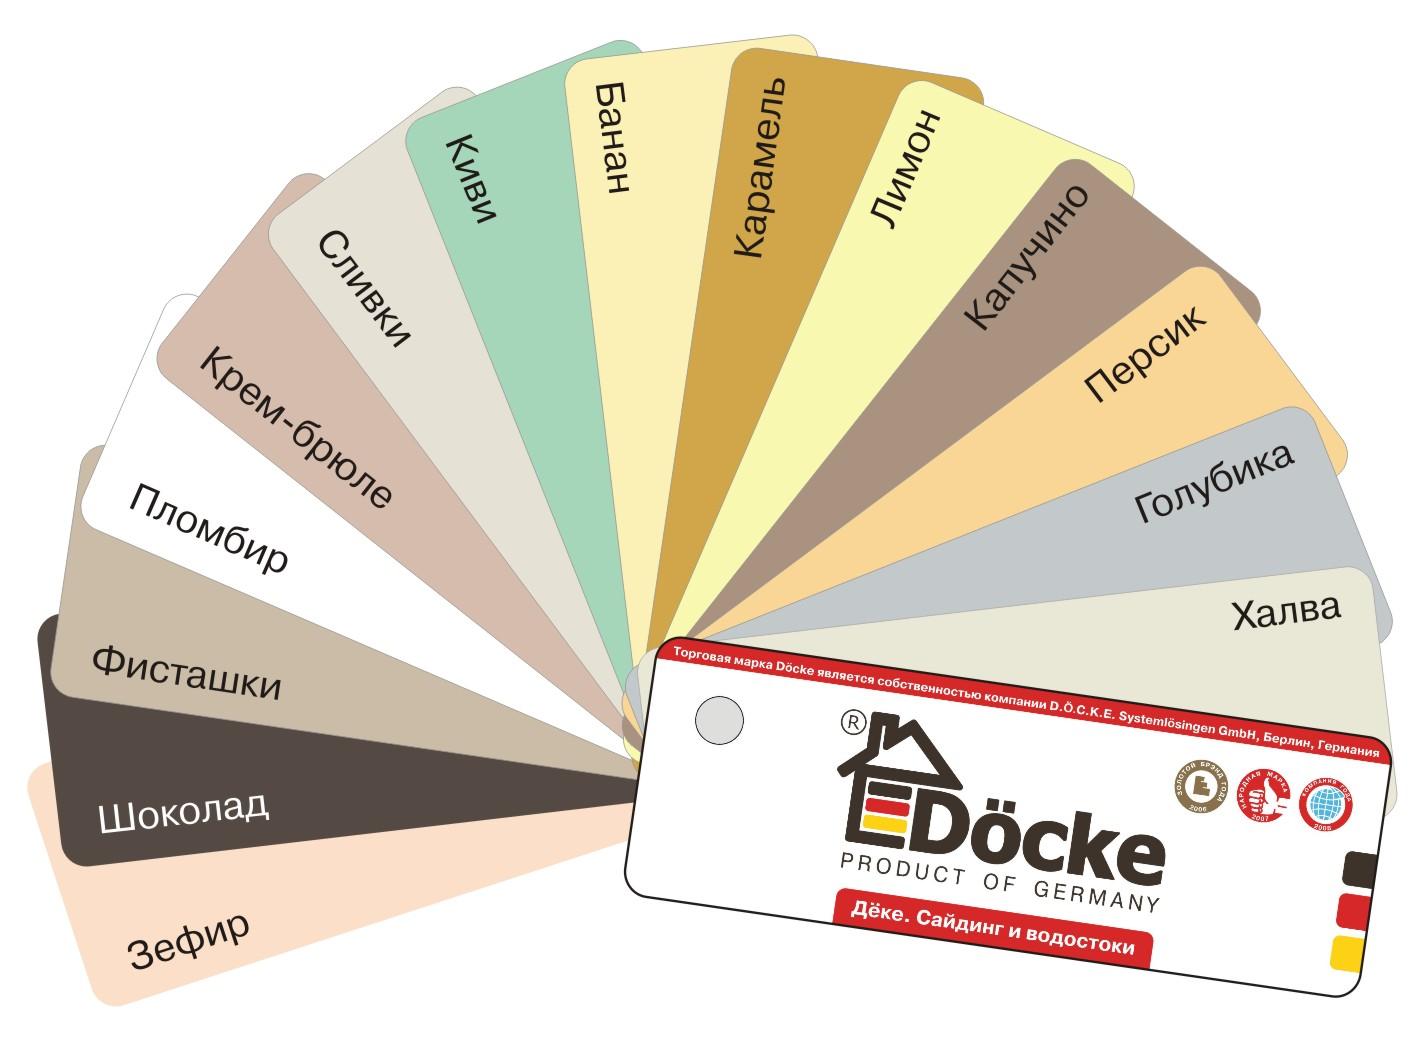 Необычные цвета сайдинга Docke